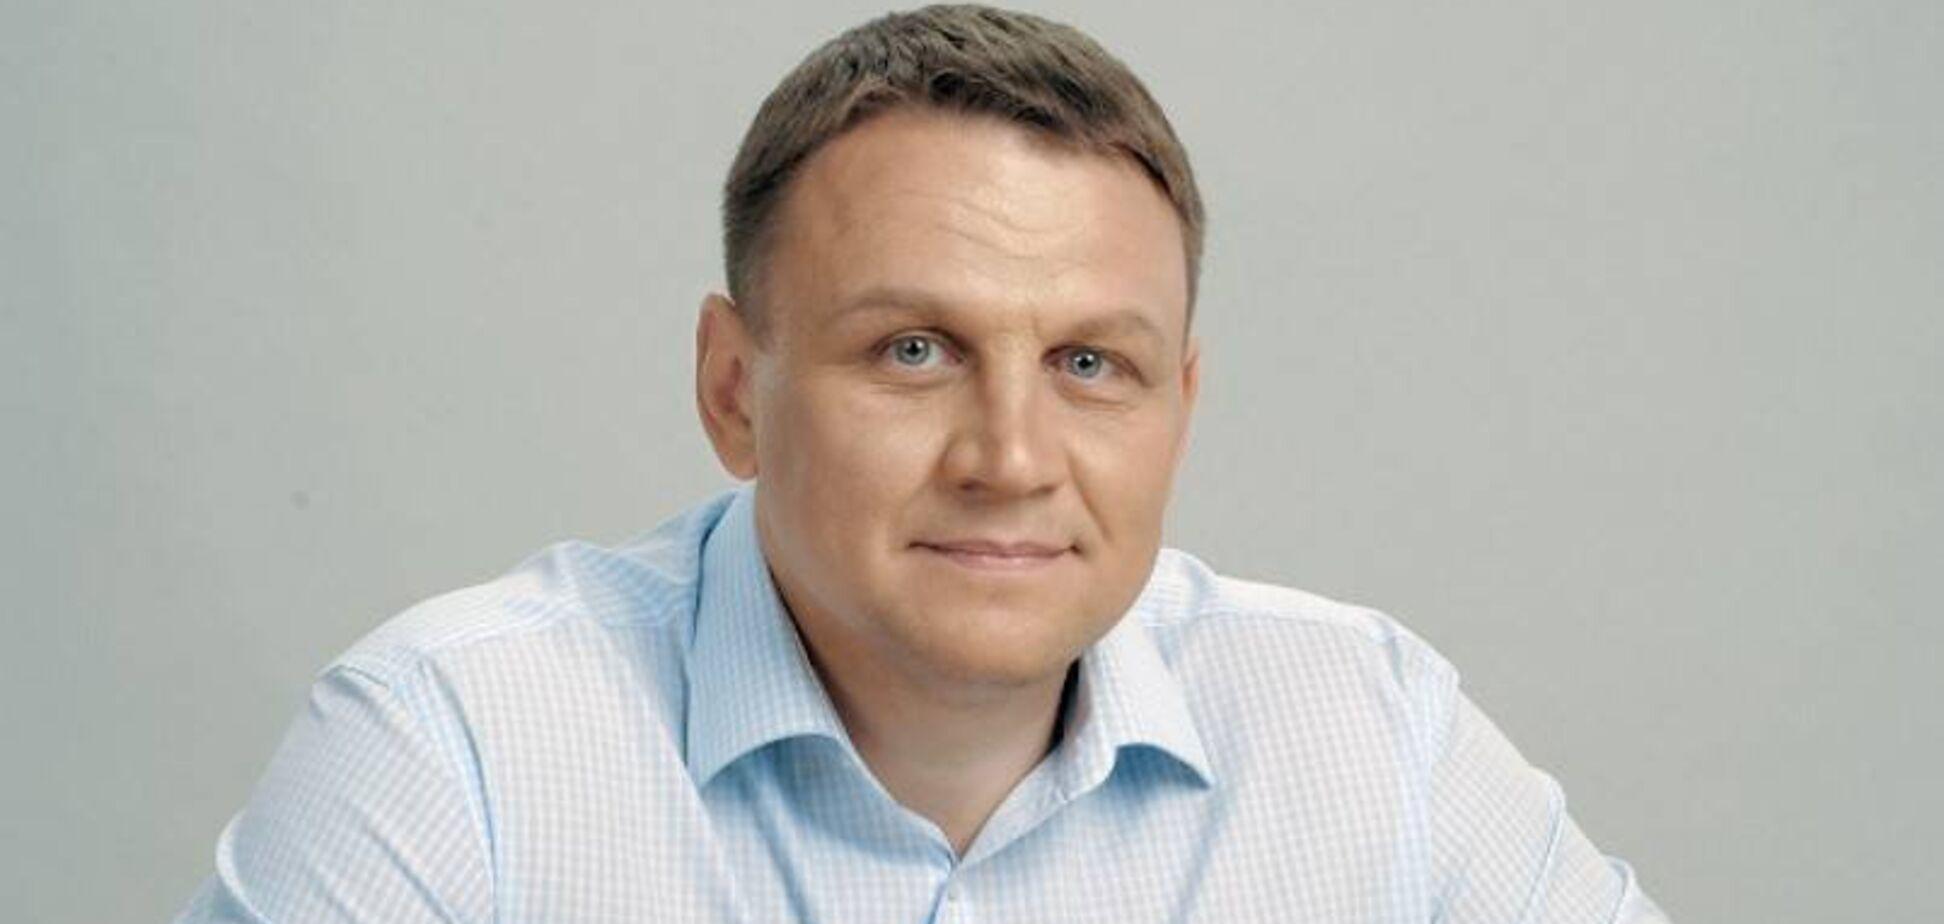 Кандидат у президенти Шевченко задекларував нерухомість на 5 млн грн і позики від дружини